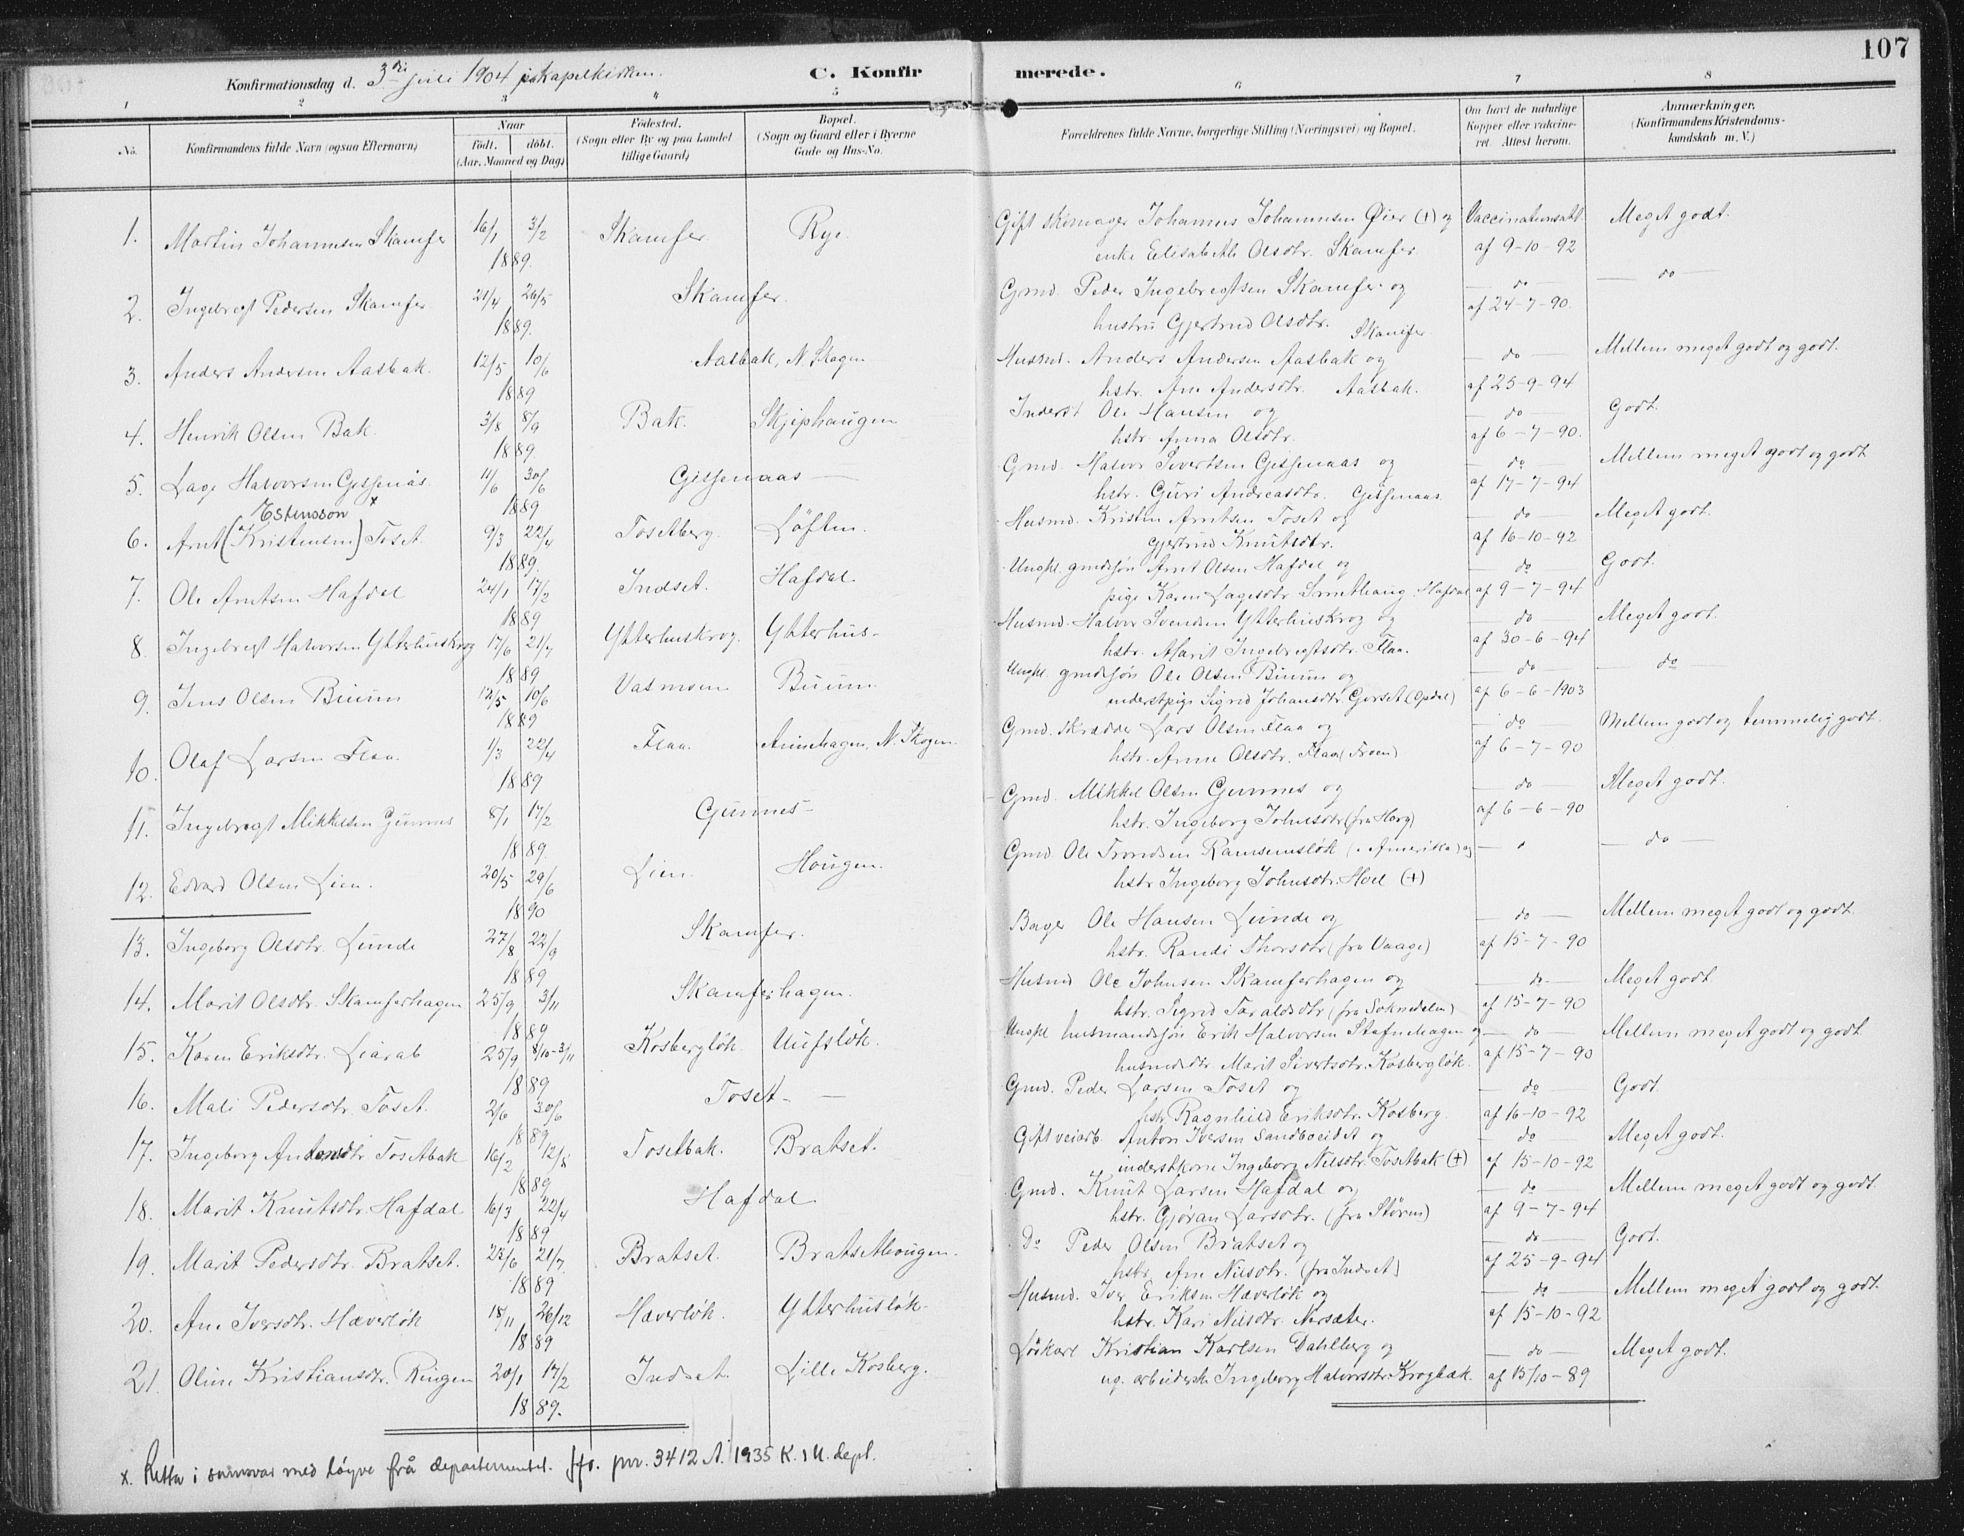 SAT, Ministerialprotokoller, klokkerbøker og fødselsregistre - Sør-Trøndelag, 674/L0872: Ministerialbok nr. 674A04, 1897-1907, s. 107